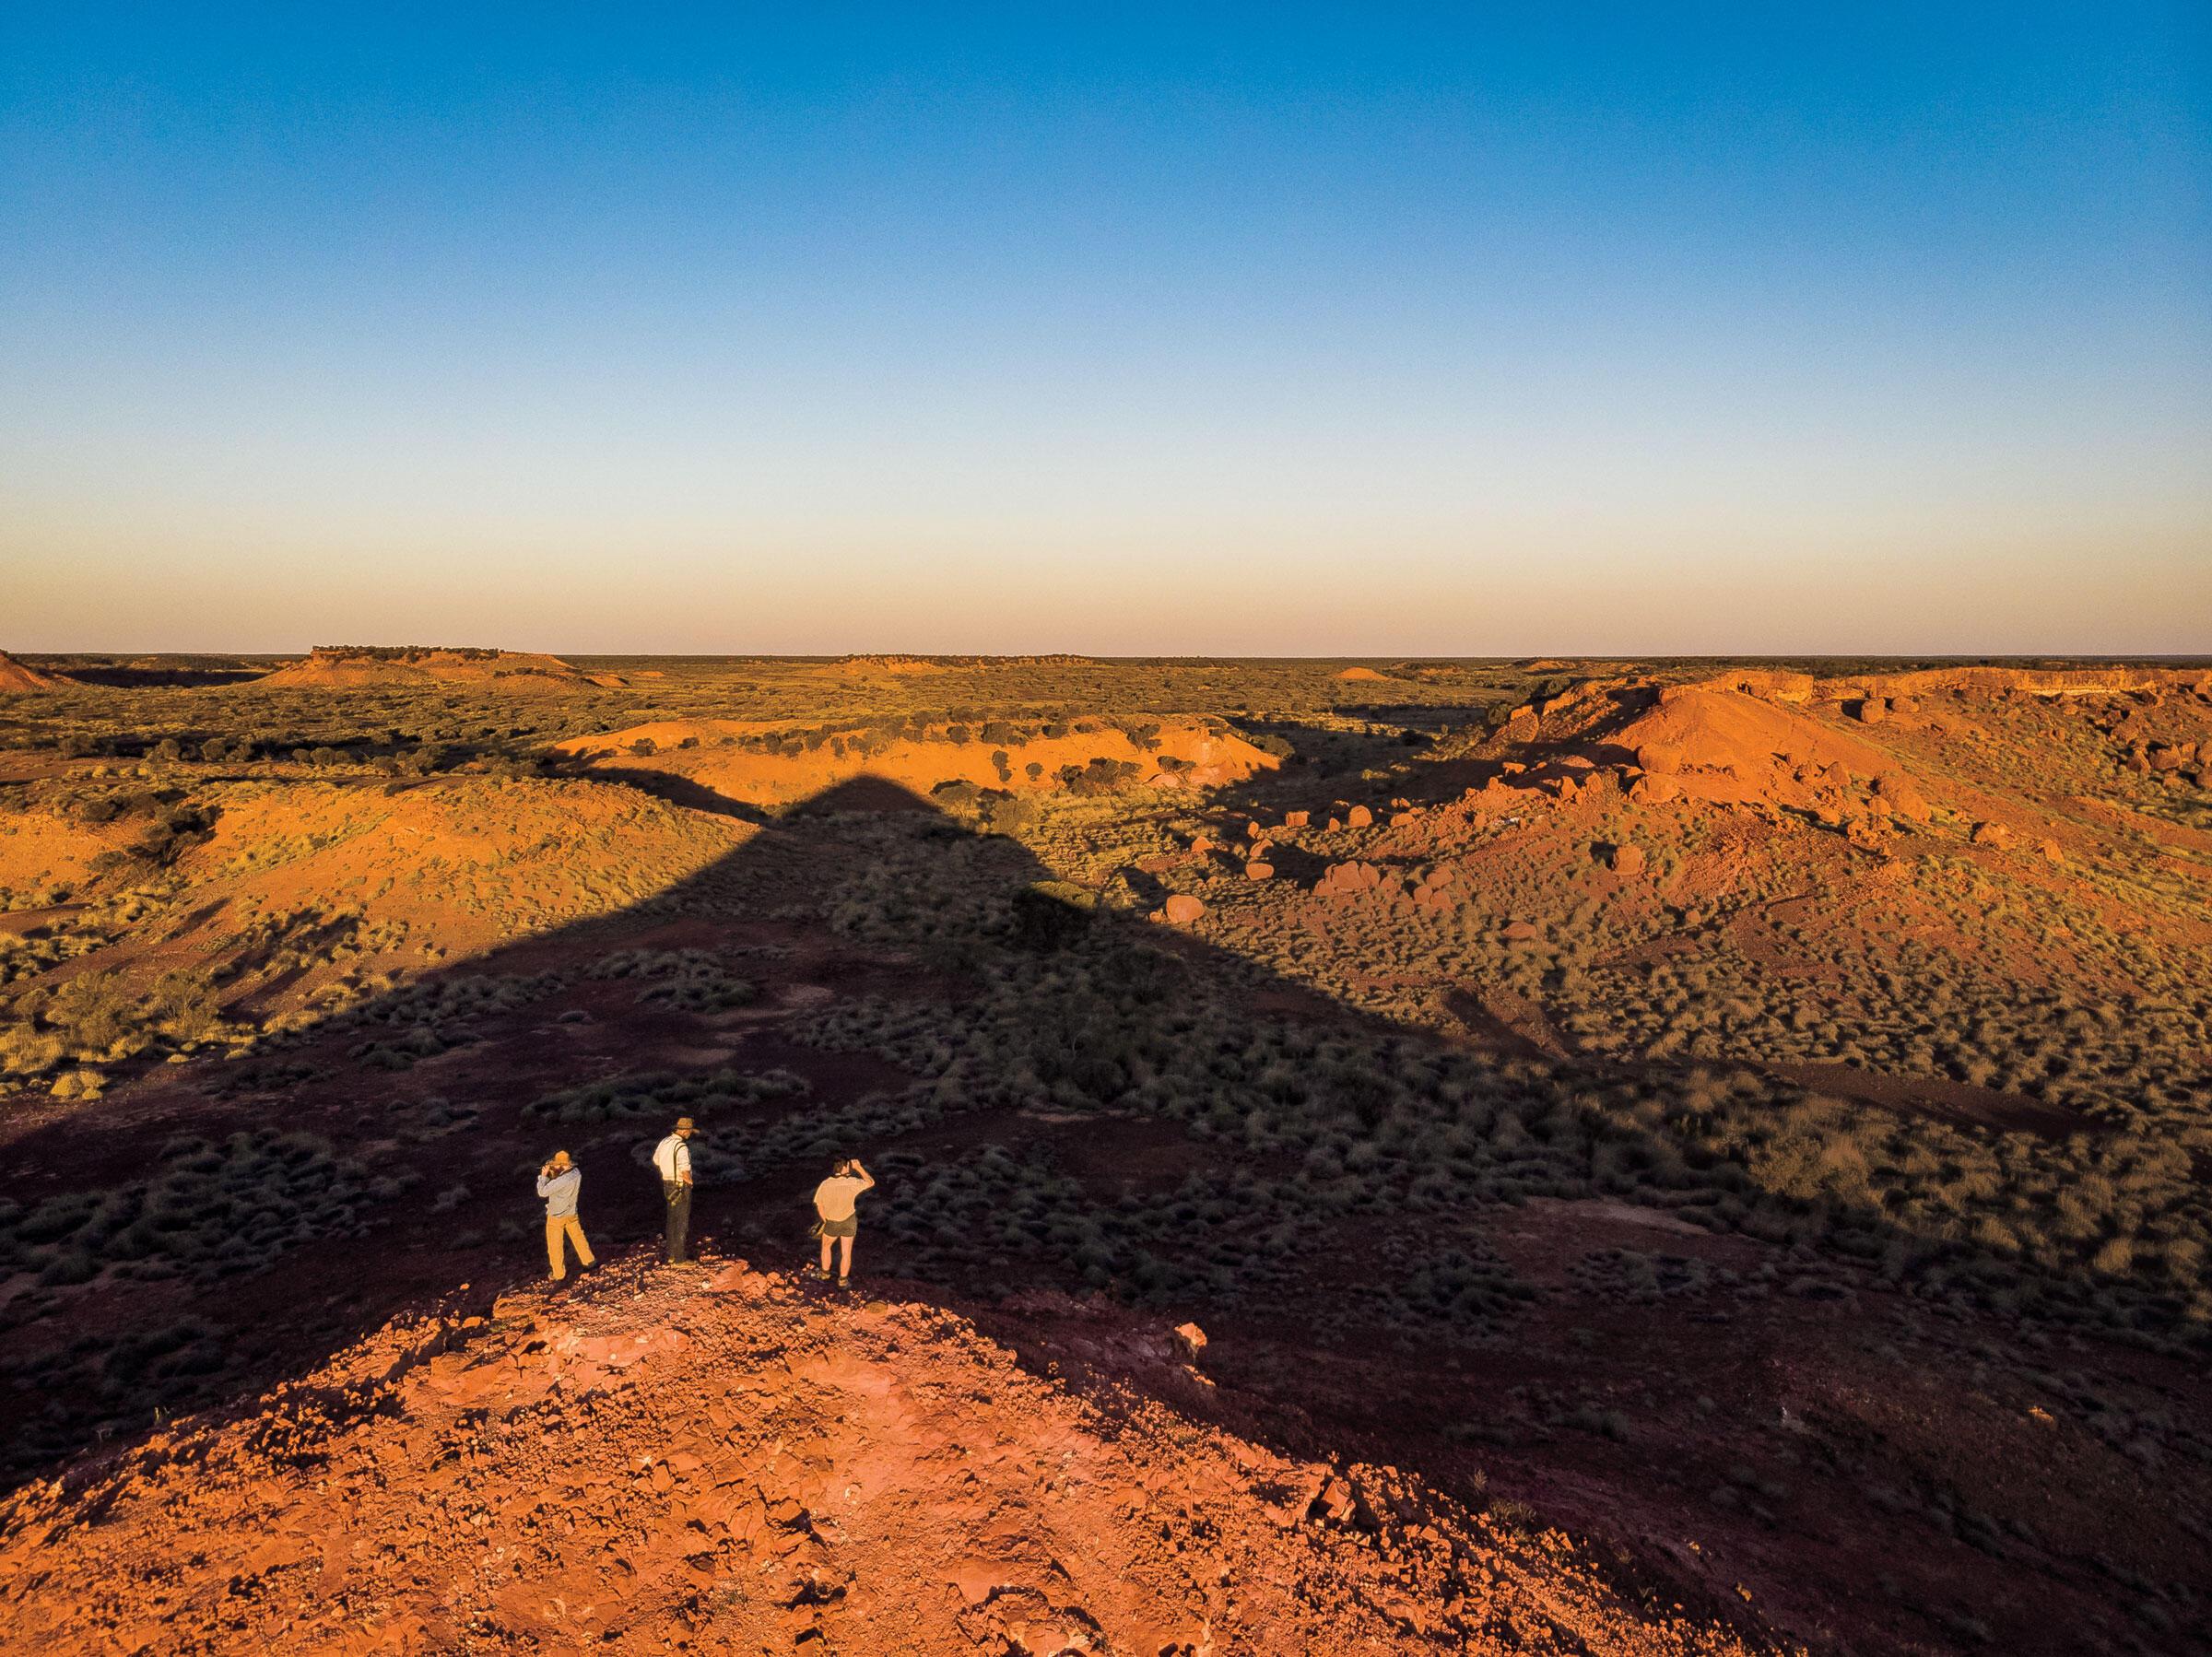 El Perico Nocturno, uno de únicos dos pericos de hábitos nocturnos del mundo, ha resistido en esta región remota y desolada del interior de Queensland.